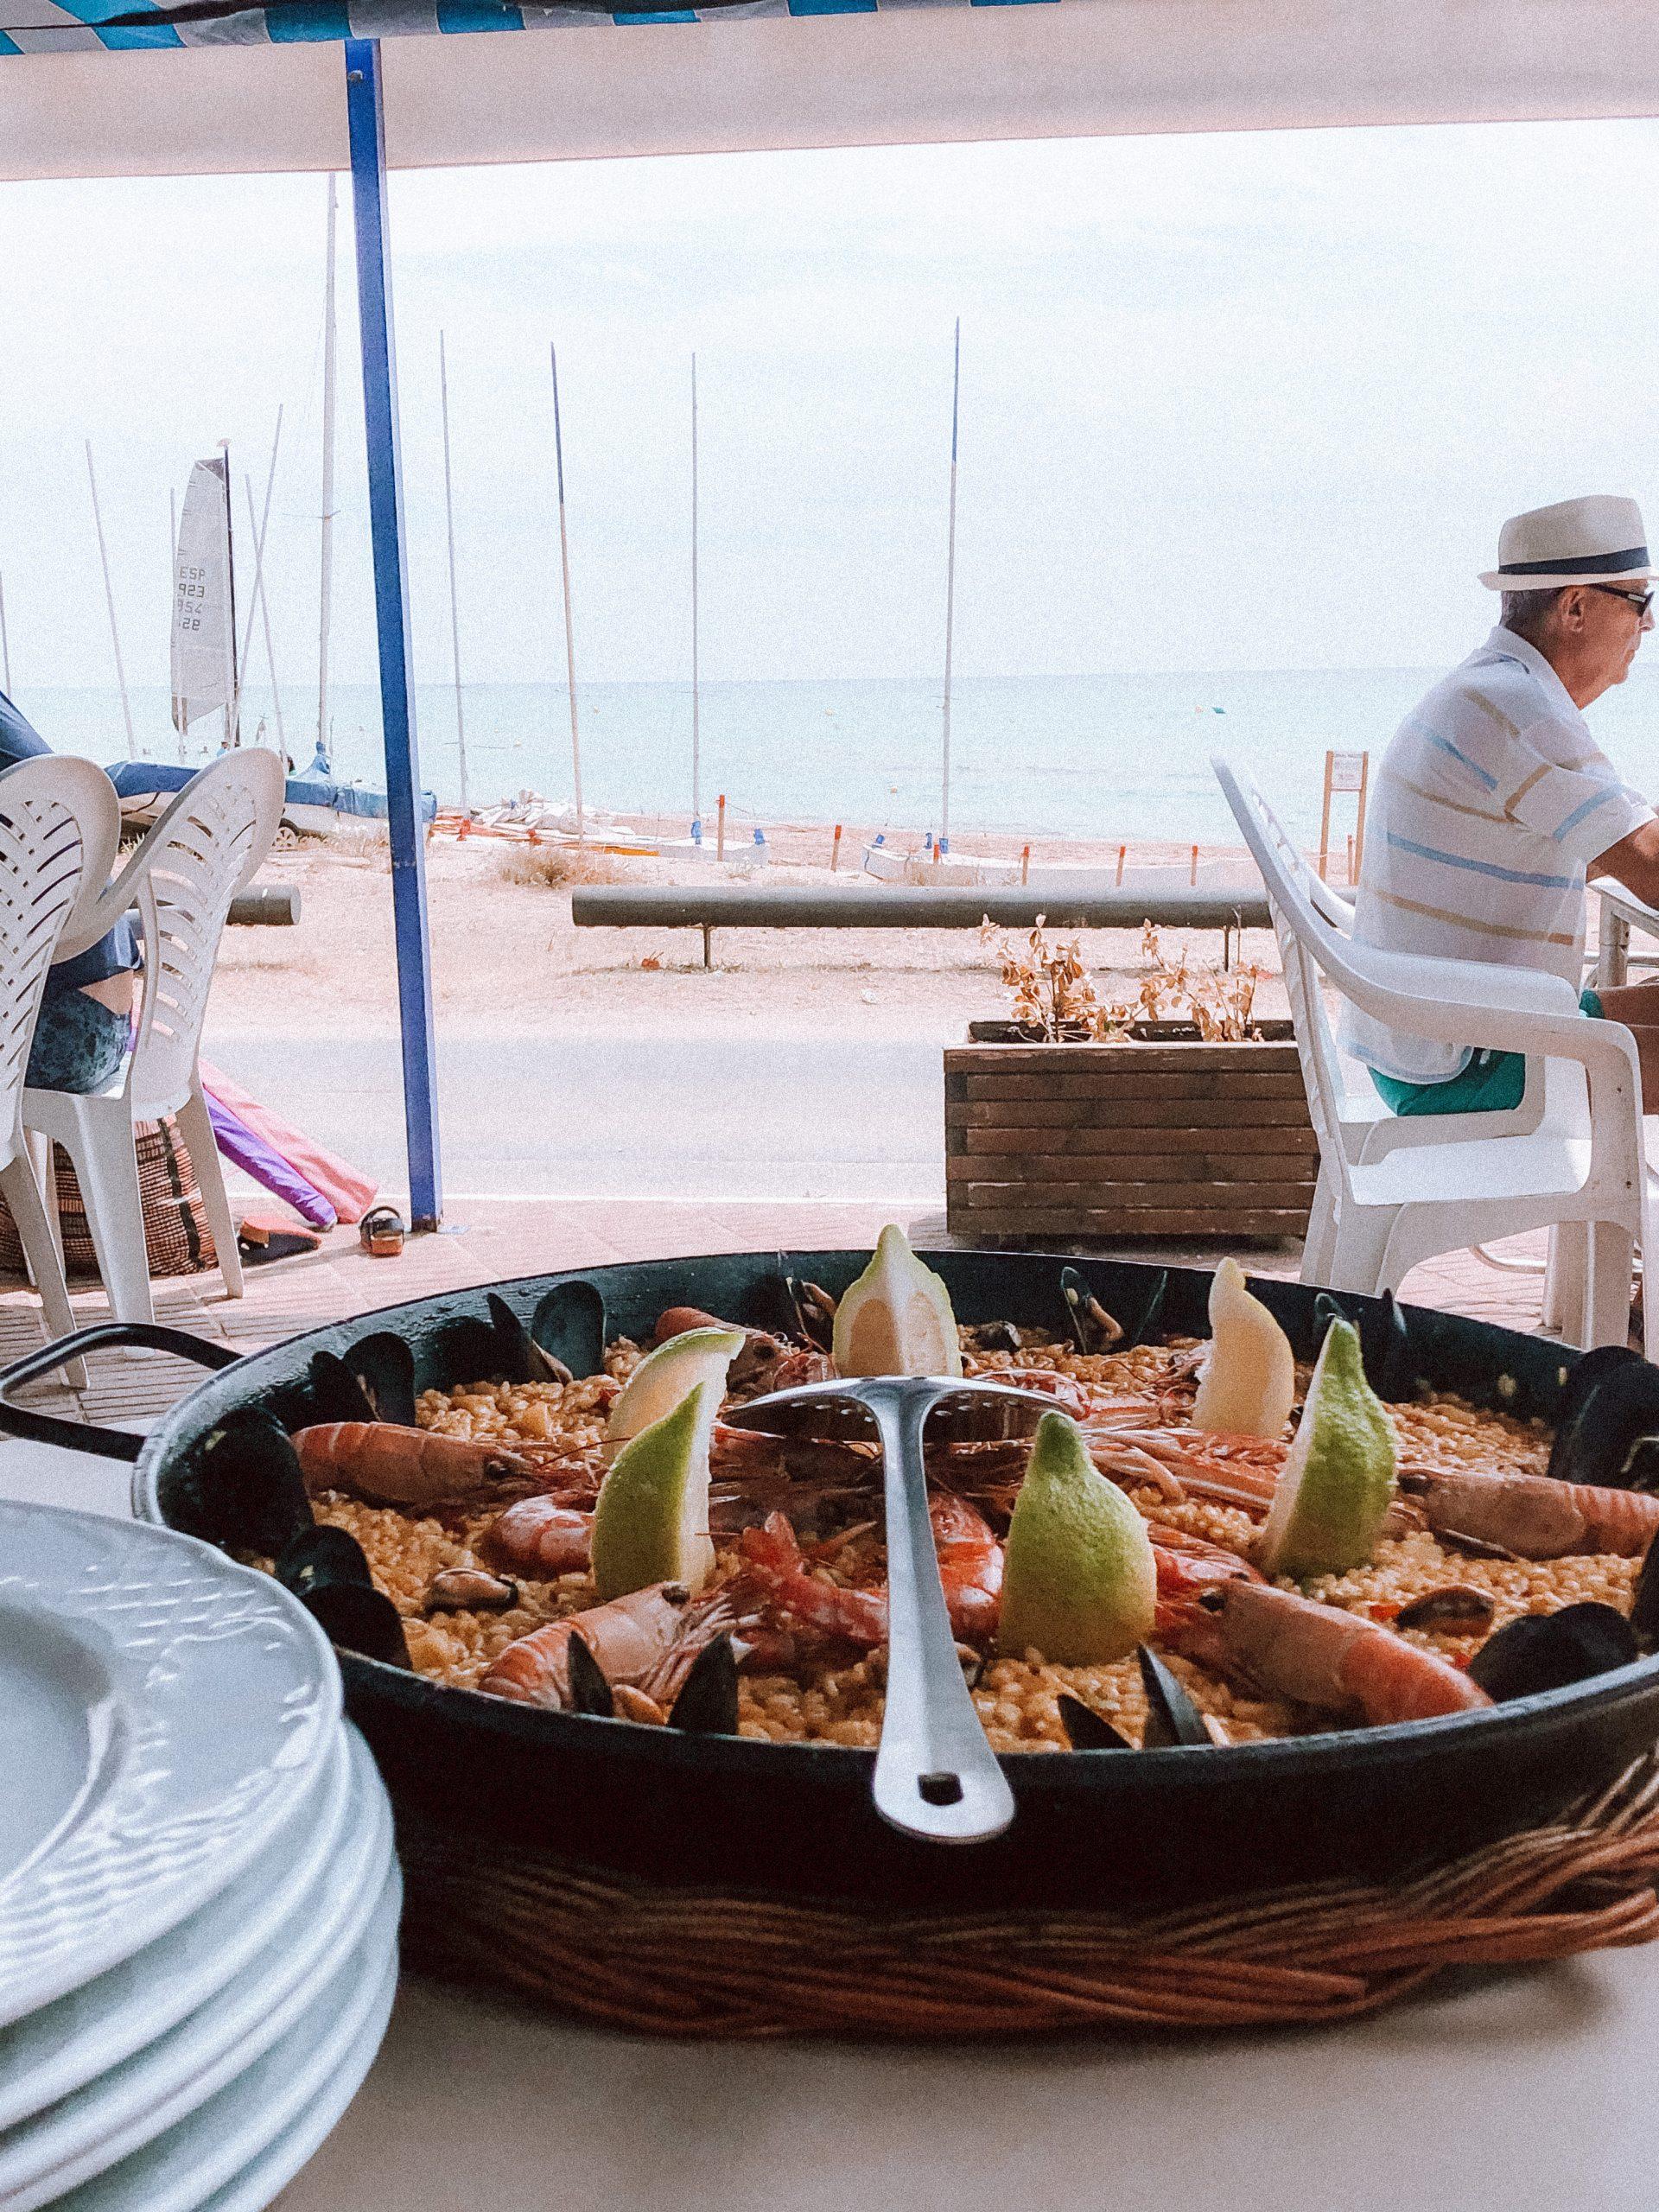 Paella traditionnelle espagne